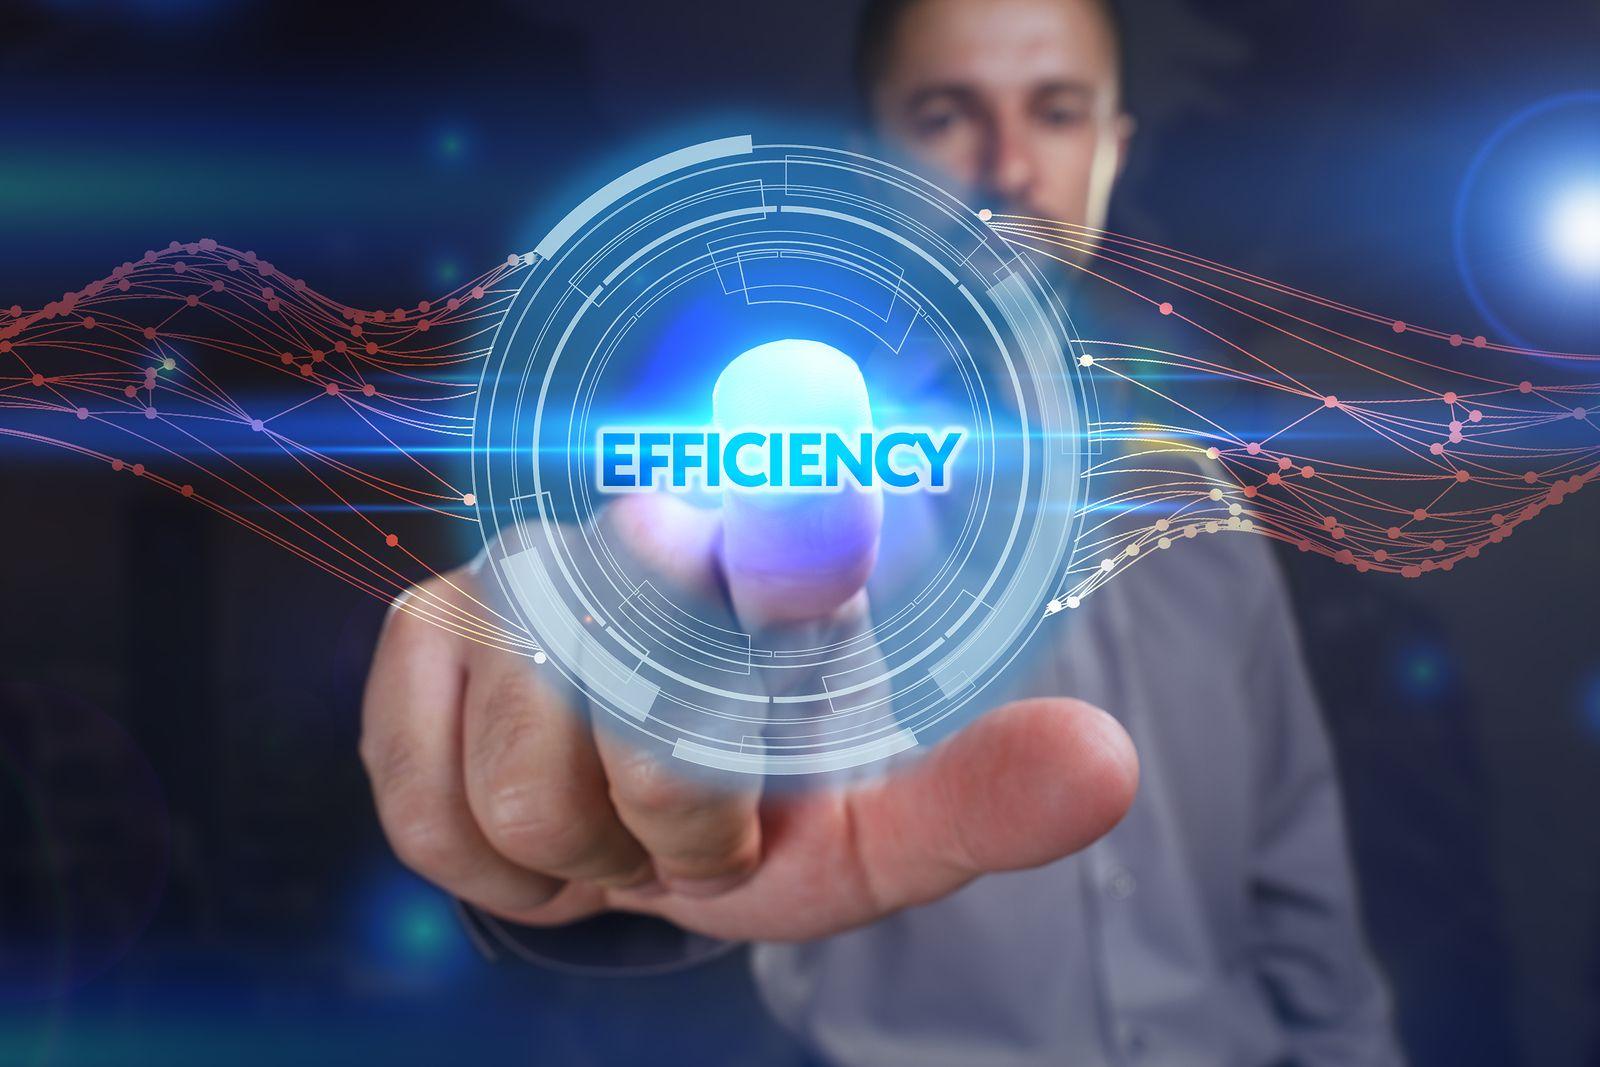 bigstock-Business-Technology-Internet-142021037.jpg